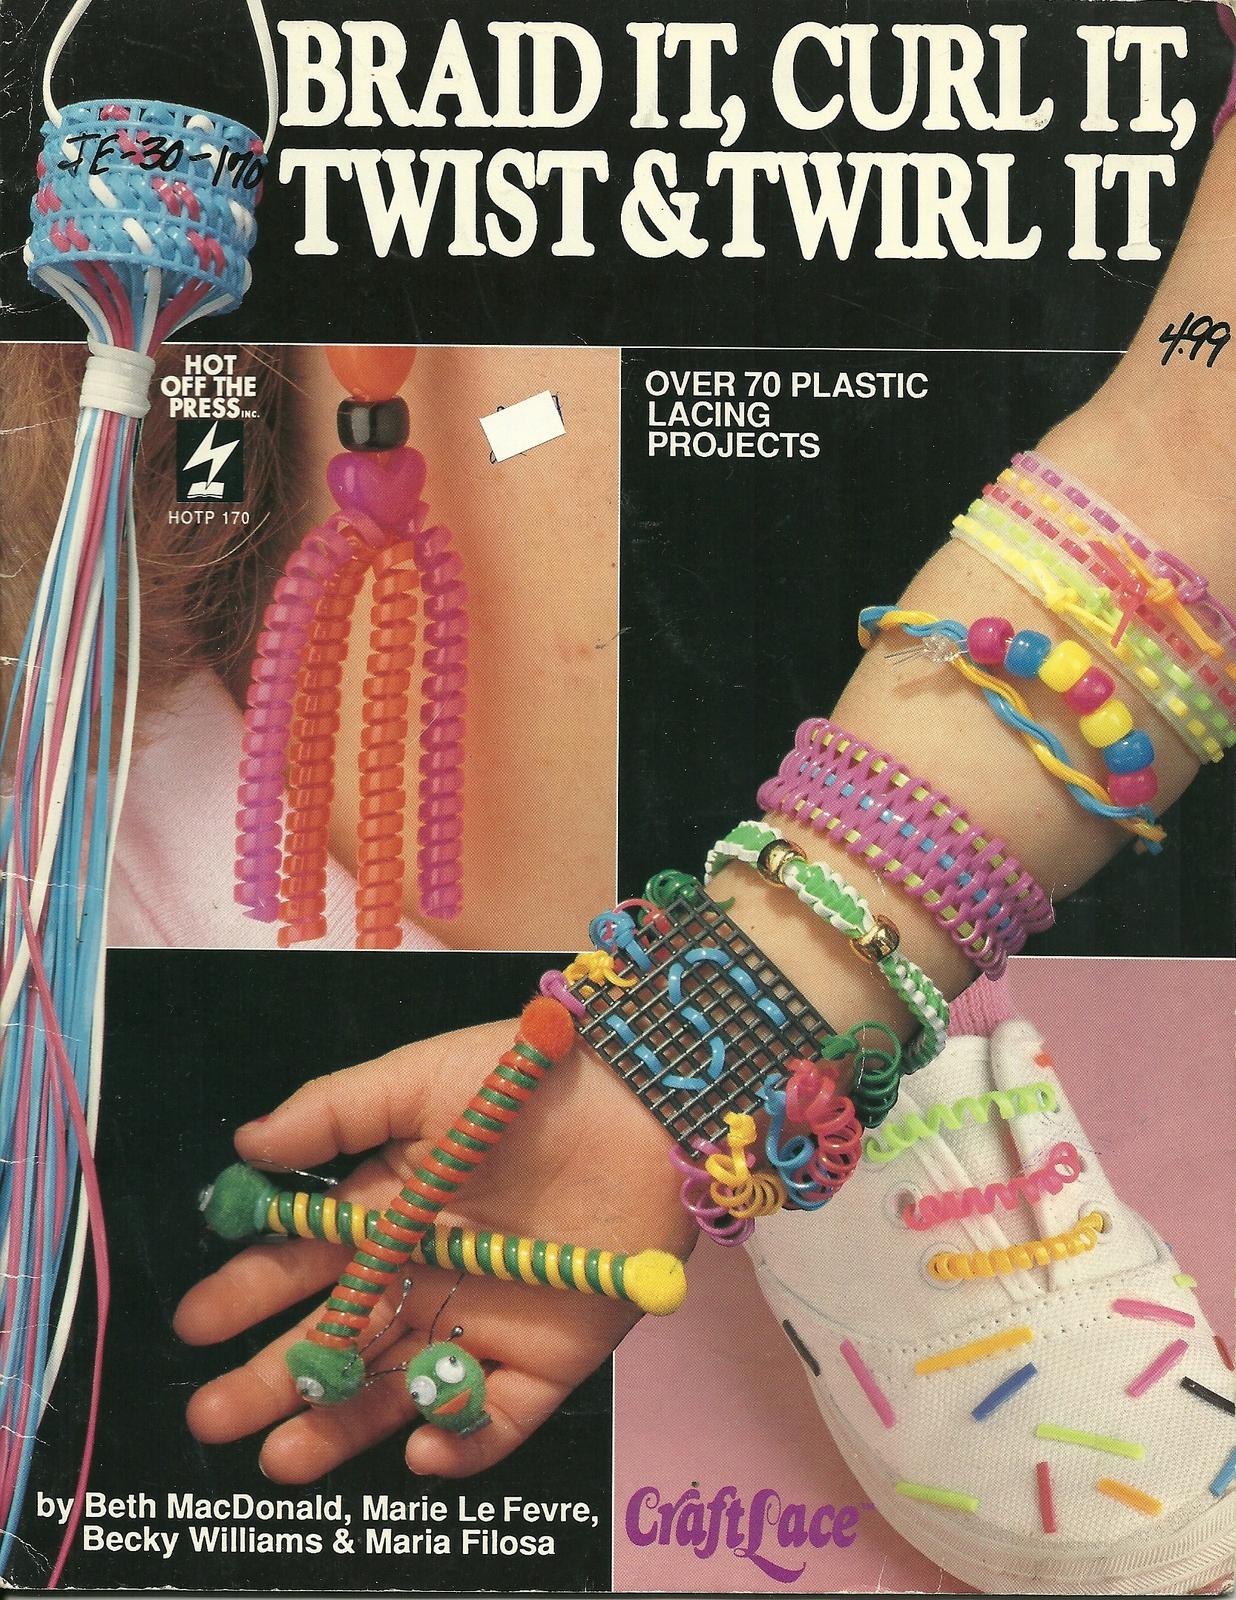 Braid it curl it twist   twirl it craft book hot off the press 170  1